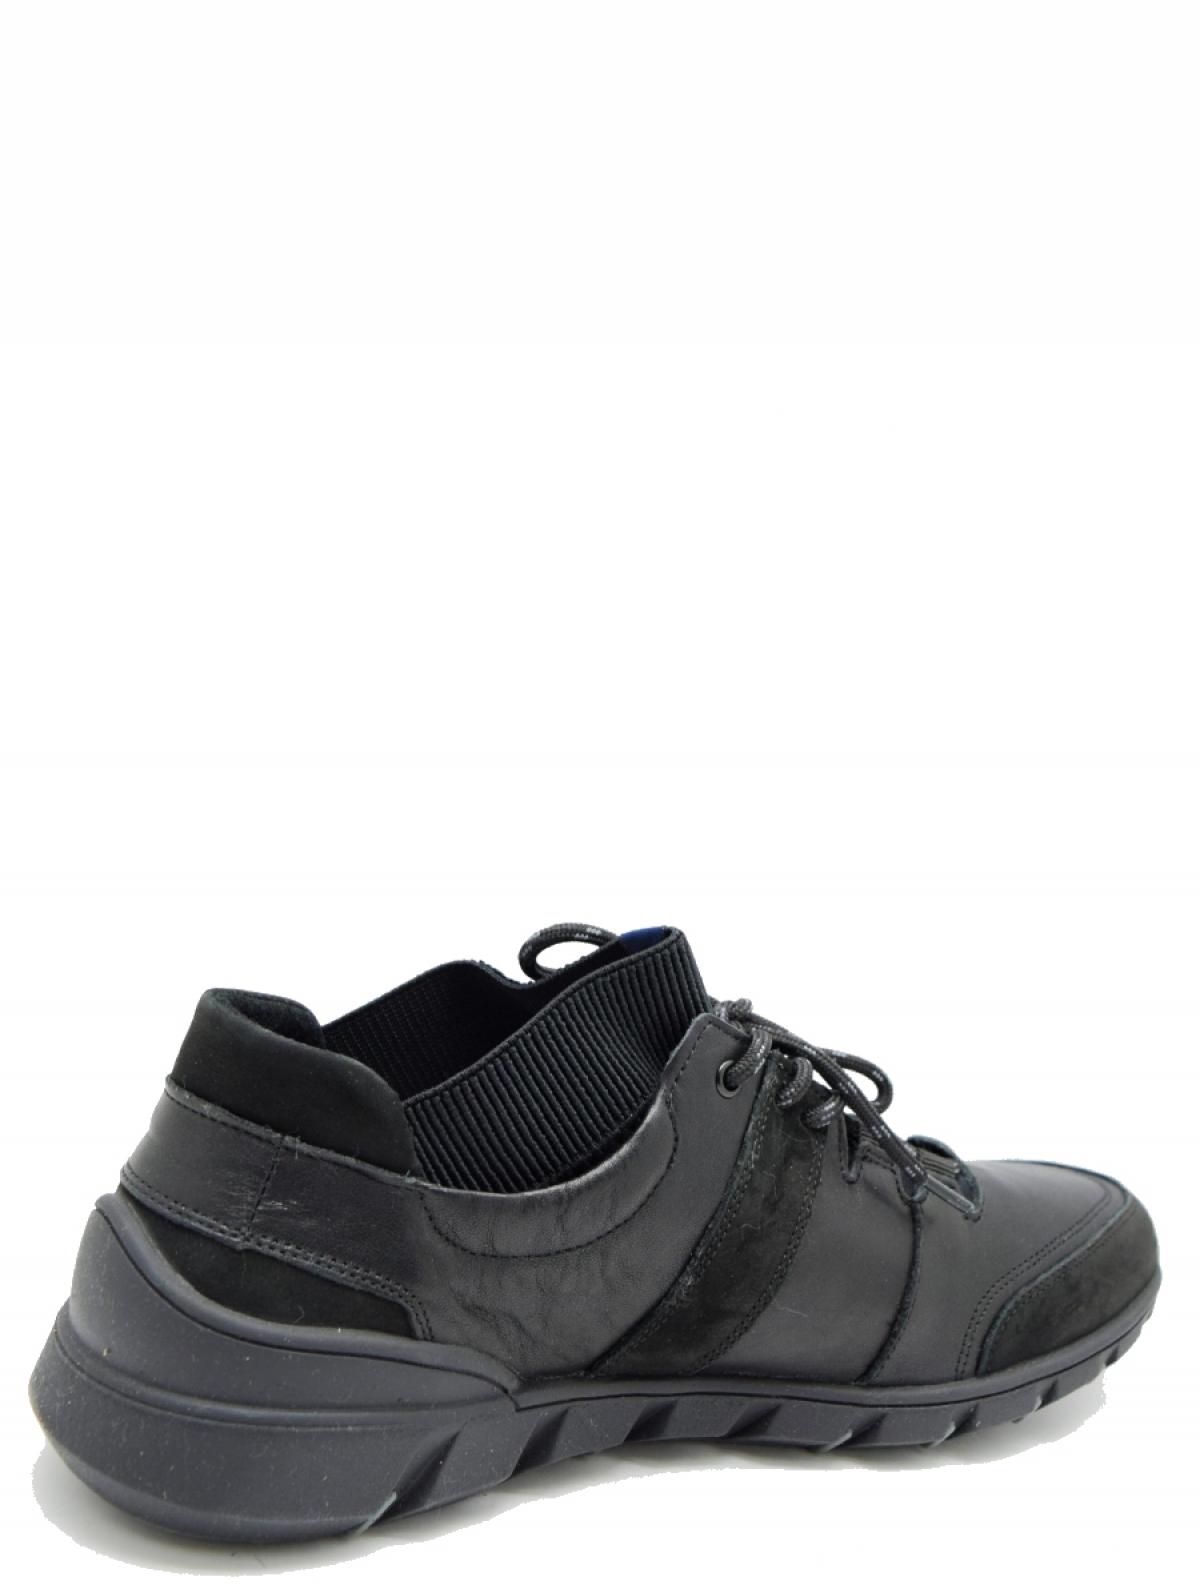 Respect VK83-111518 мужские кроссовки